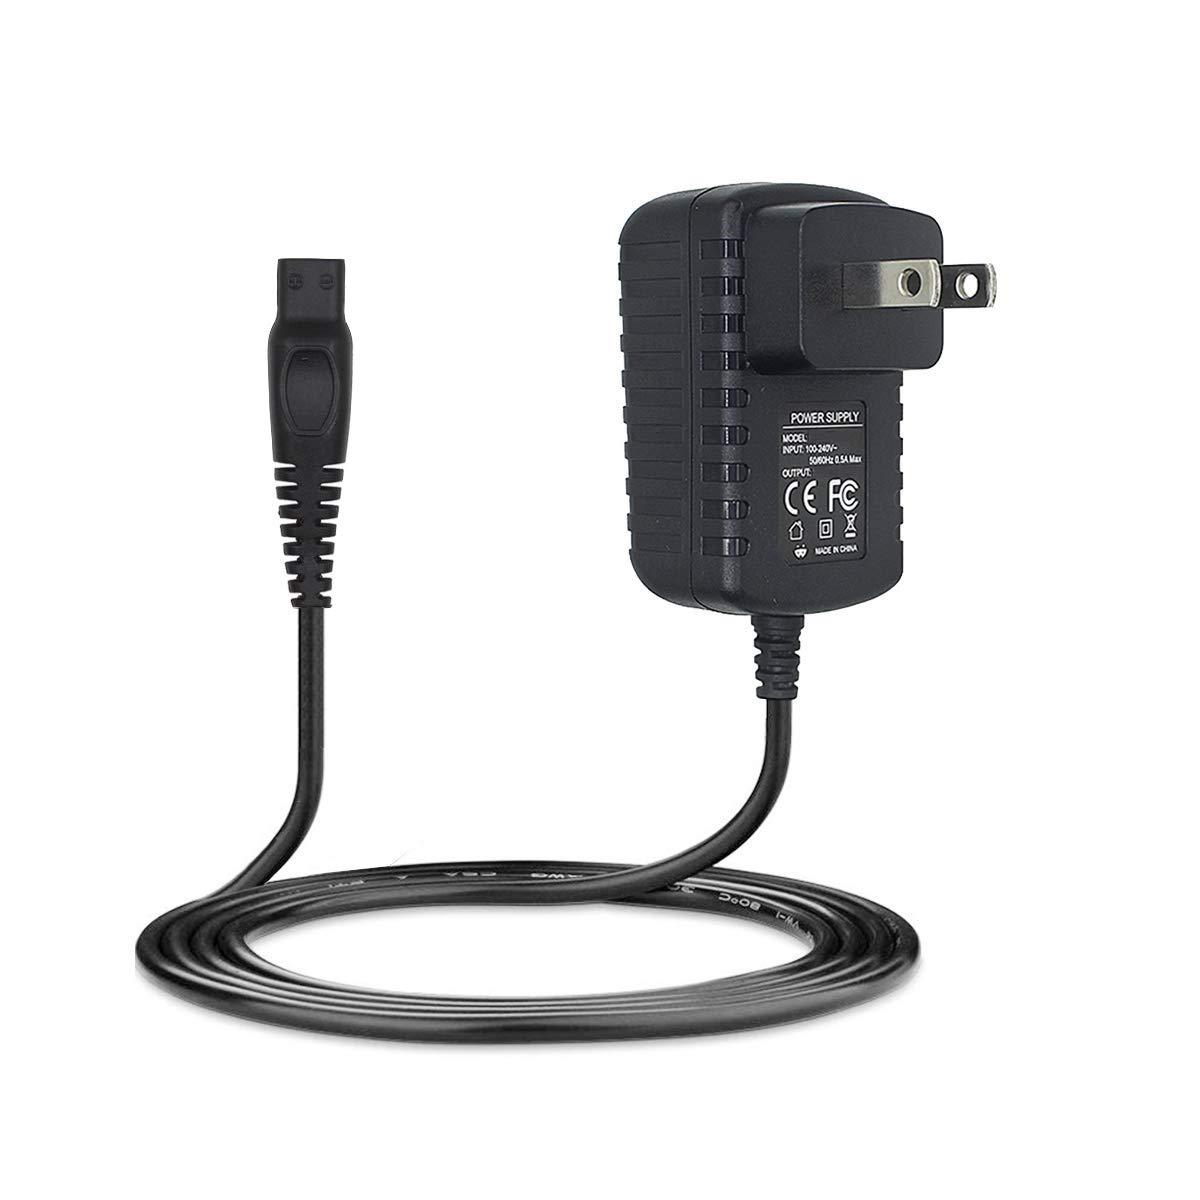 Amazon.com: Cargador 15 V 5,4 W Philips Shaver adaptador de ...